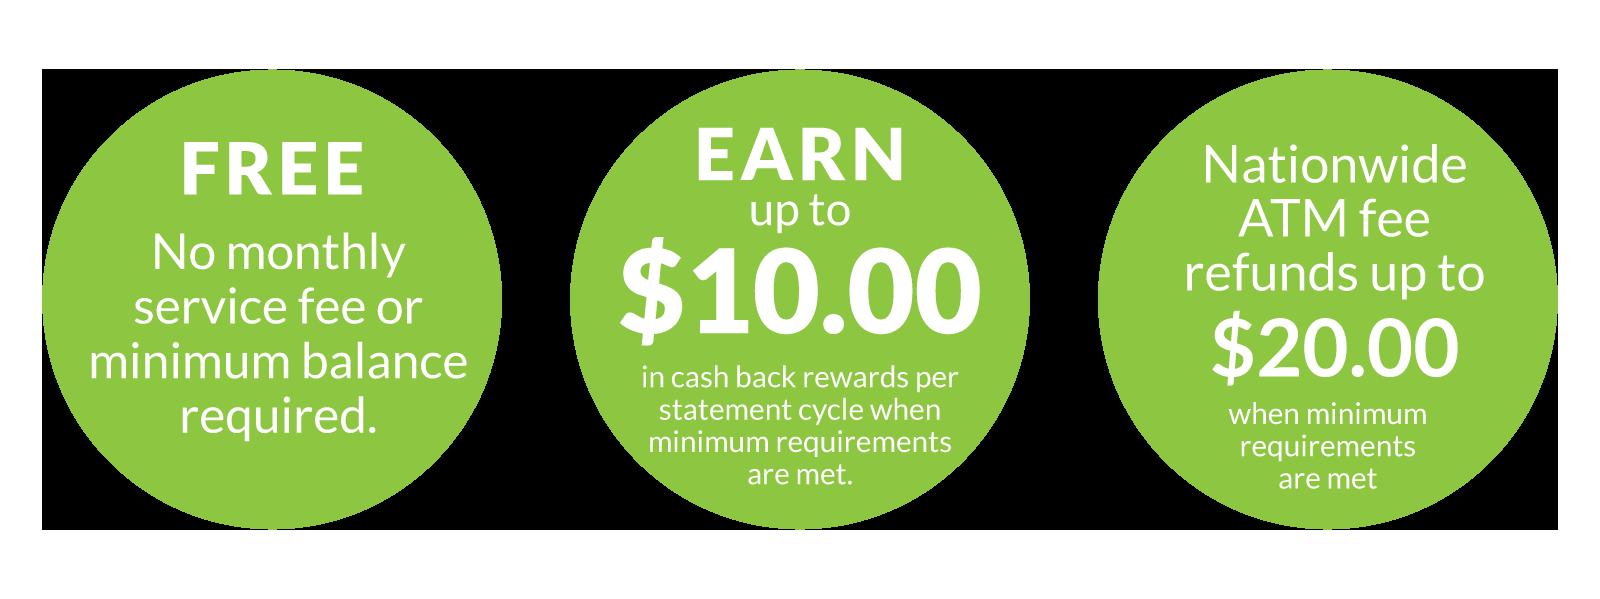 Elite Rewards Checking Information